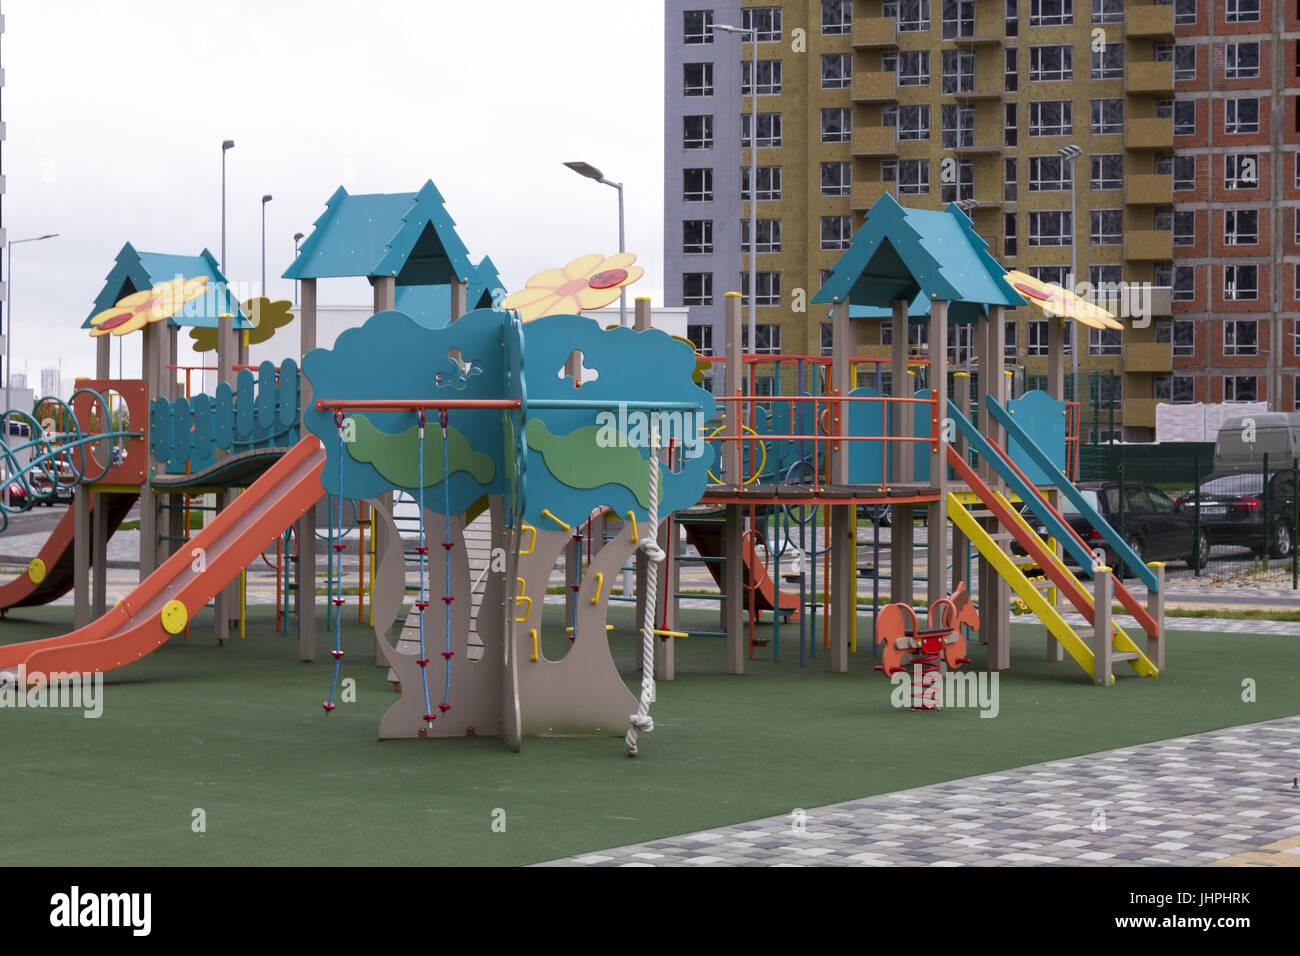 Bbw public park swing